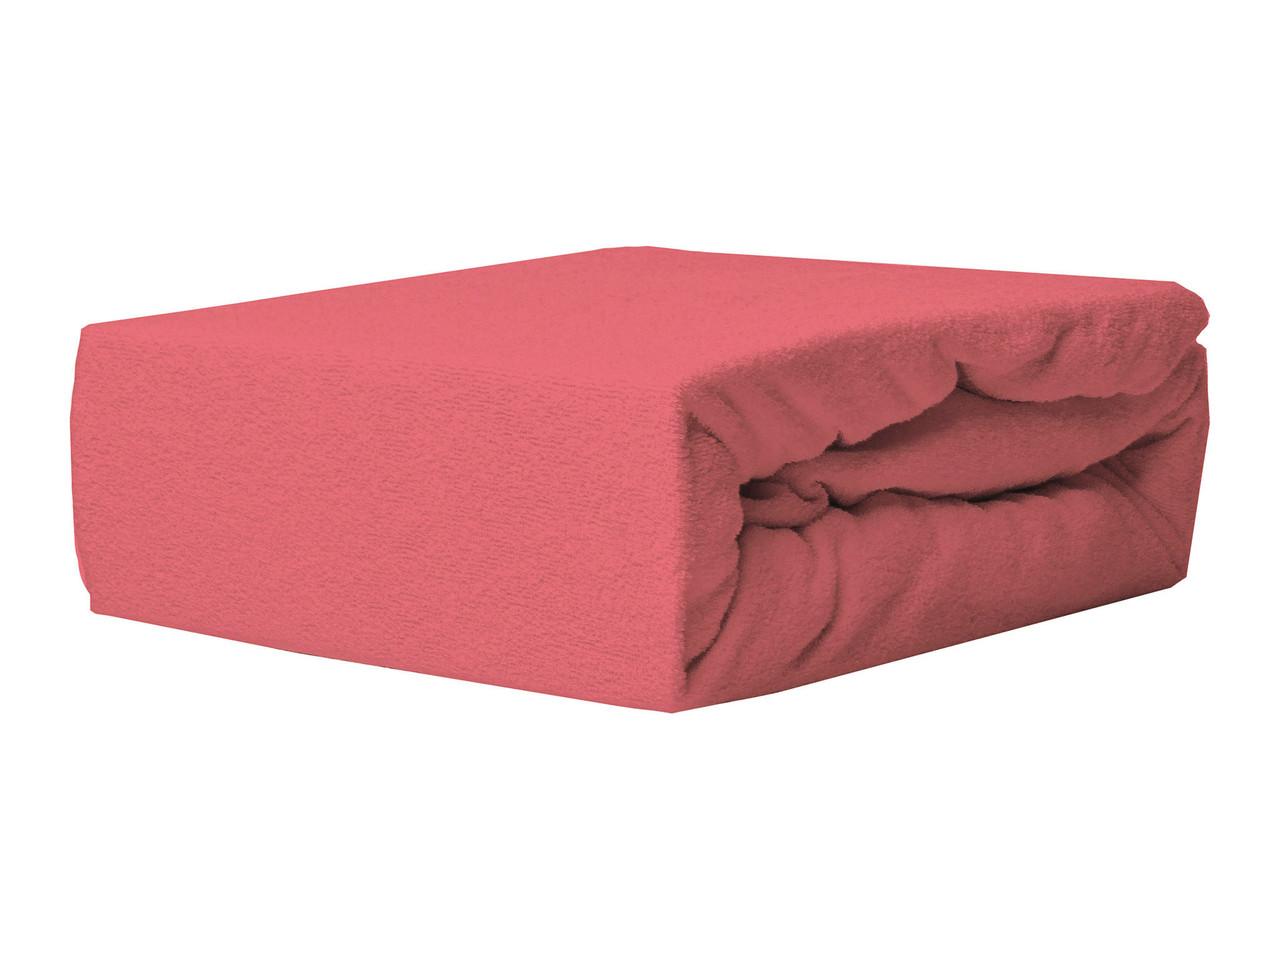 Простыня Махровая На резинке NR 038 P.P.H.U. J&M 6528 200x220 см Красная